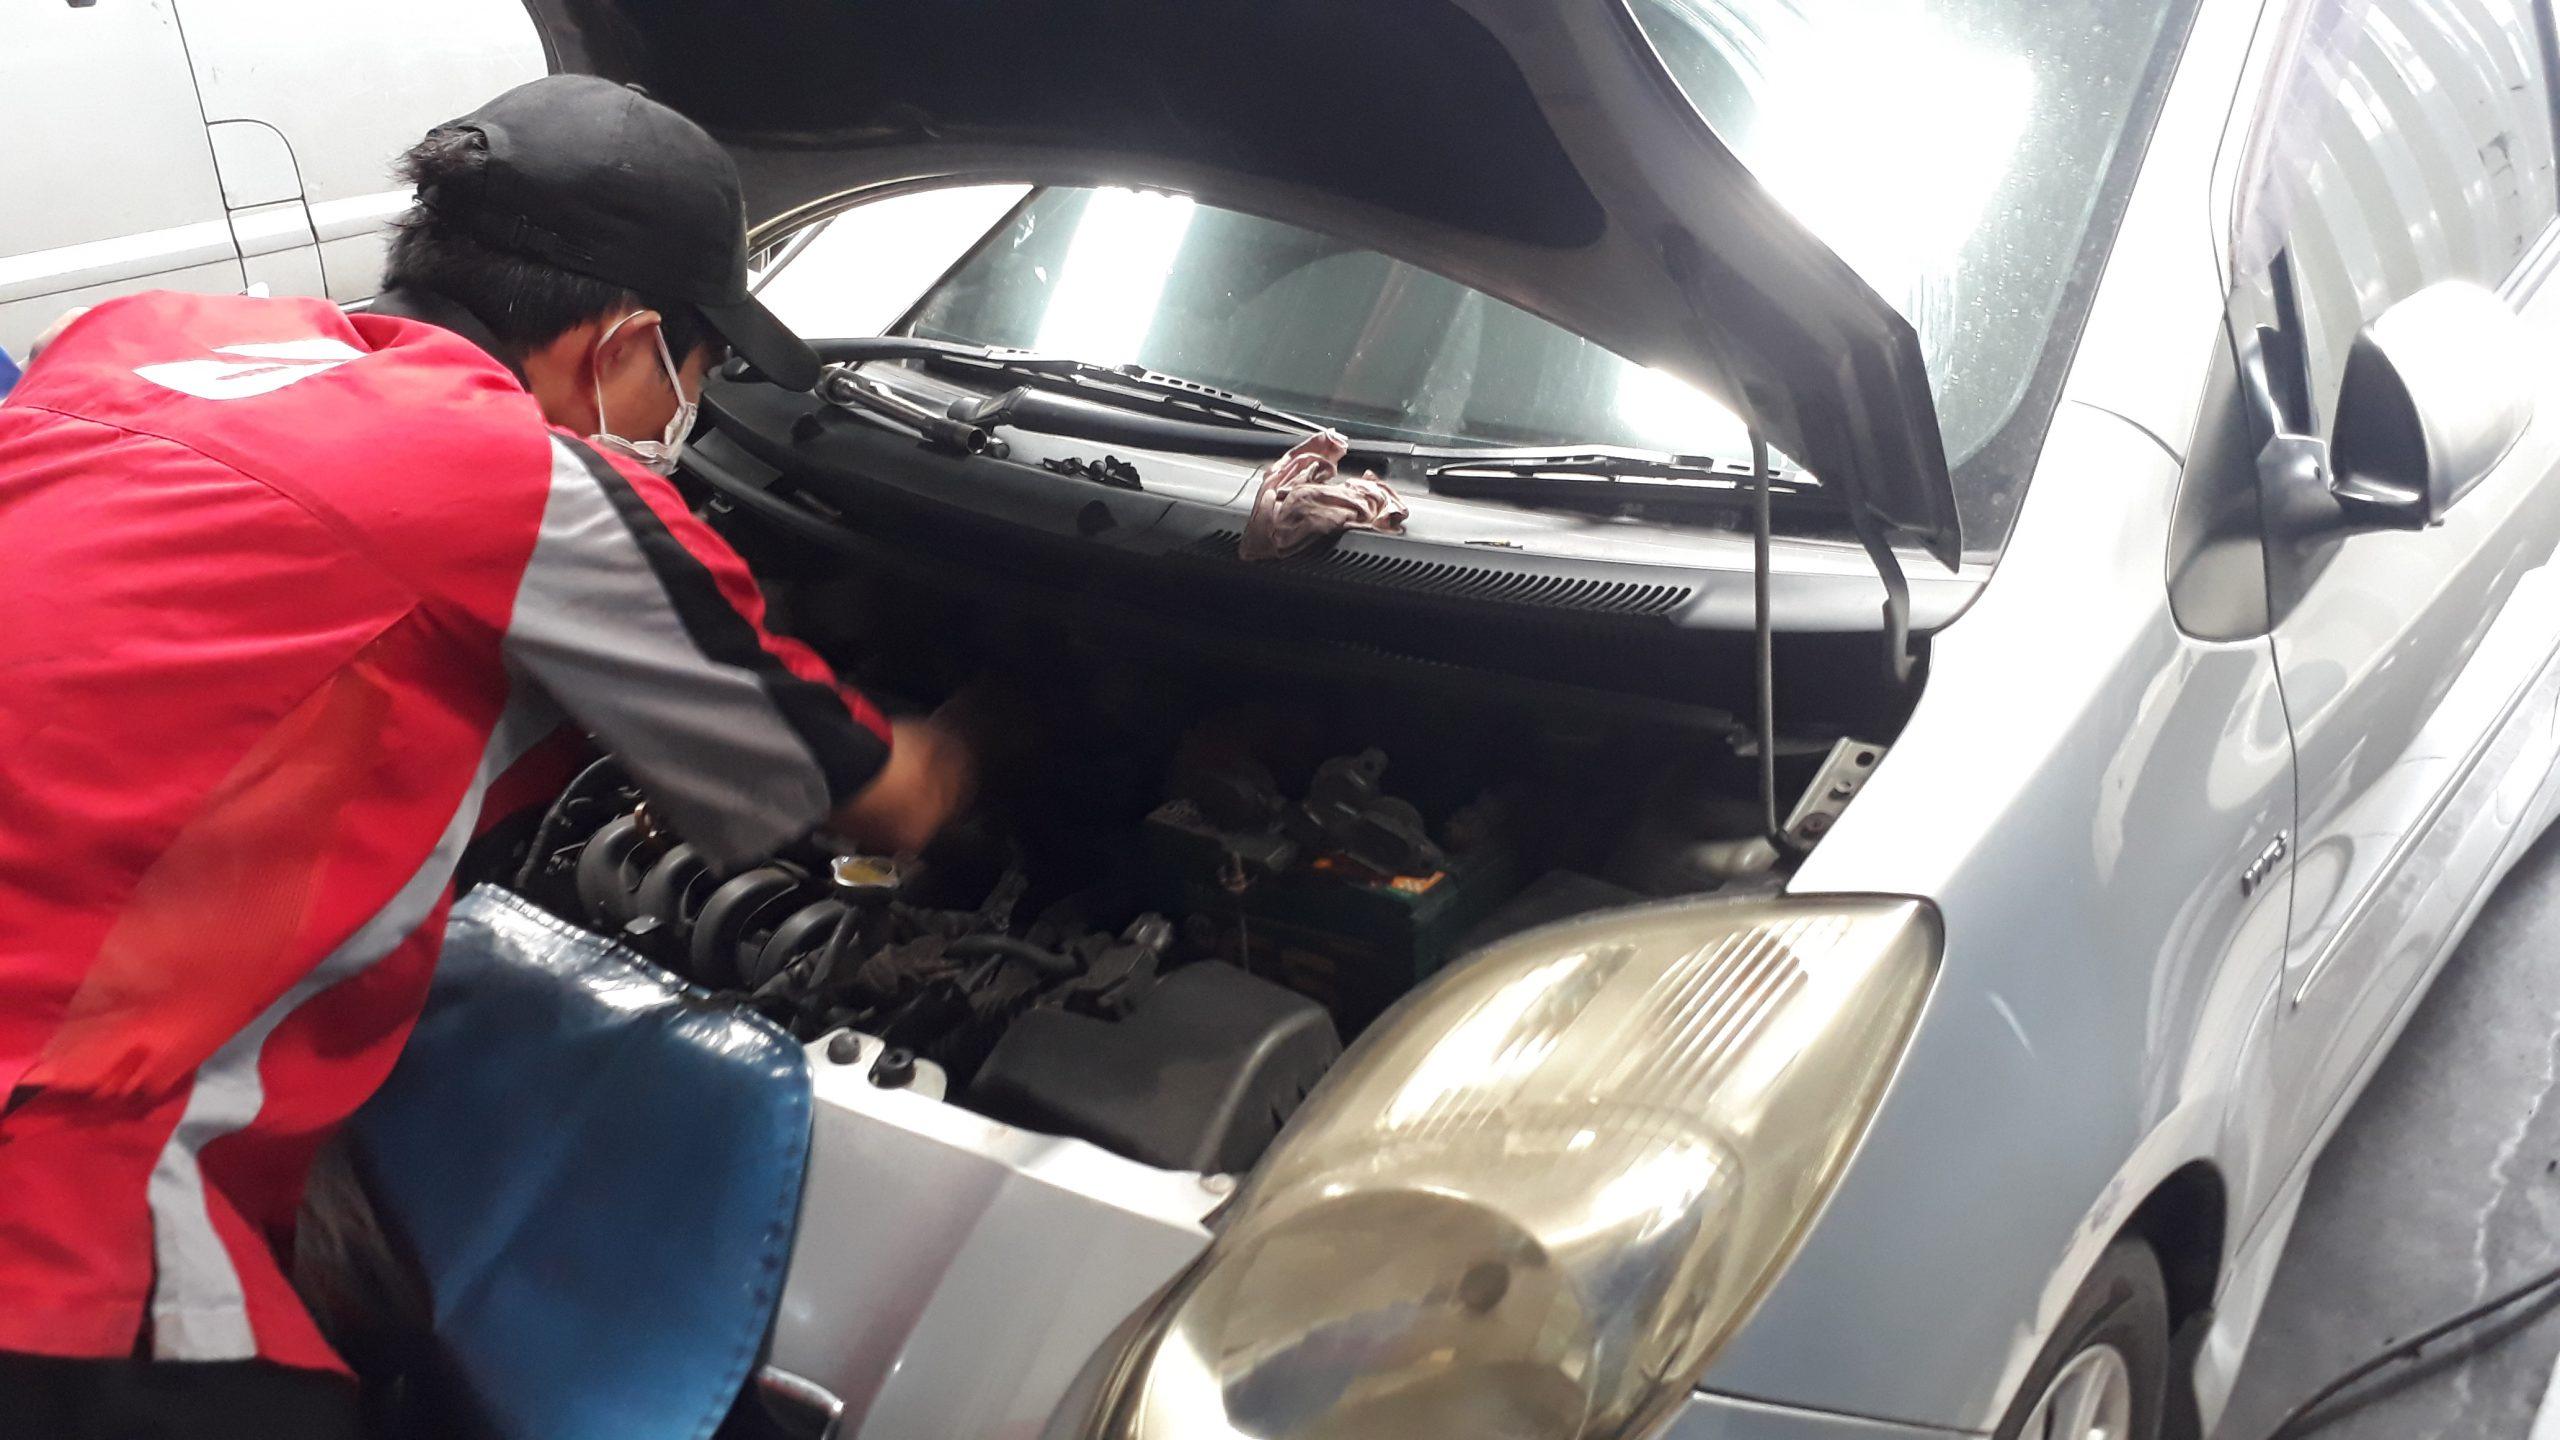 Bengkel Mobil Pratama Motor Cikarang Pelayanan Lengkap & Berkualitas